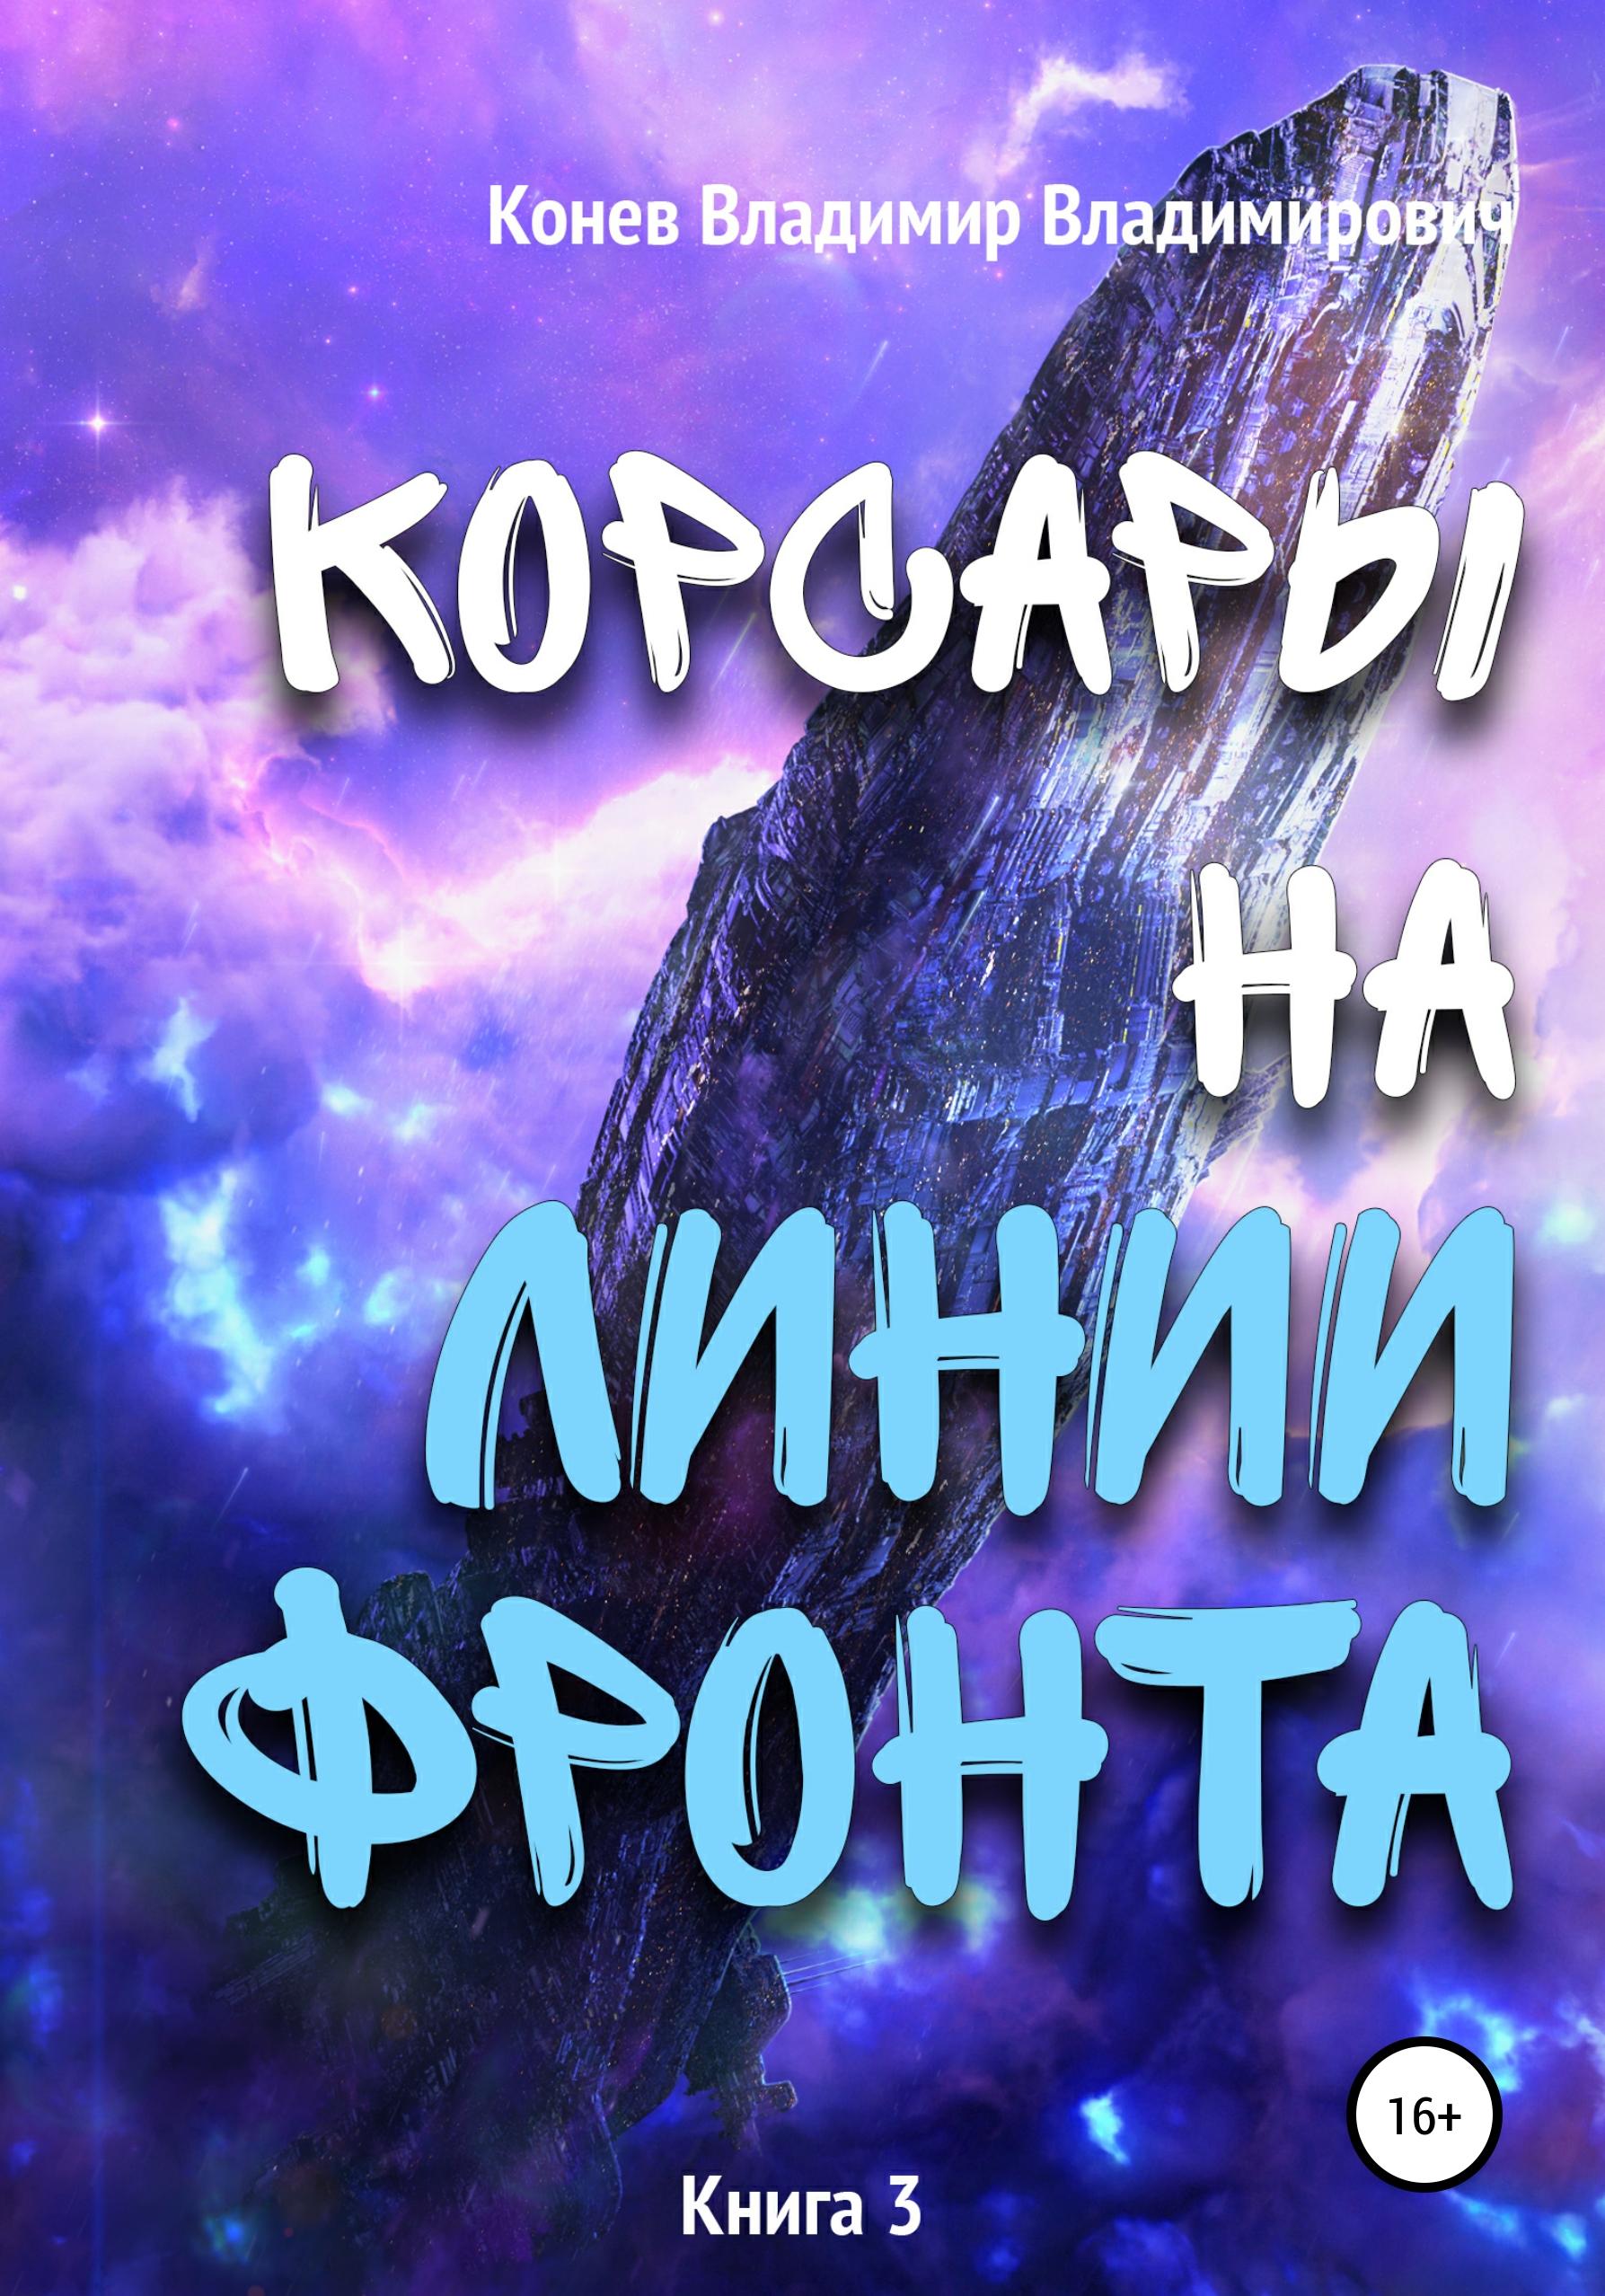 Купить книгу Корсары на линии фронта, автора Владимира Владимировича Конева